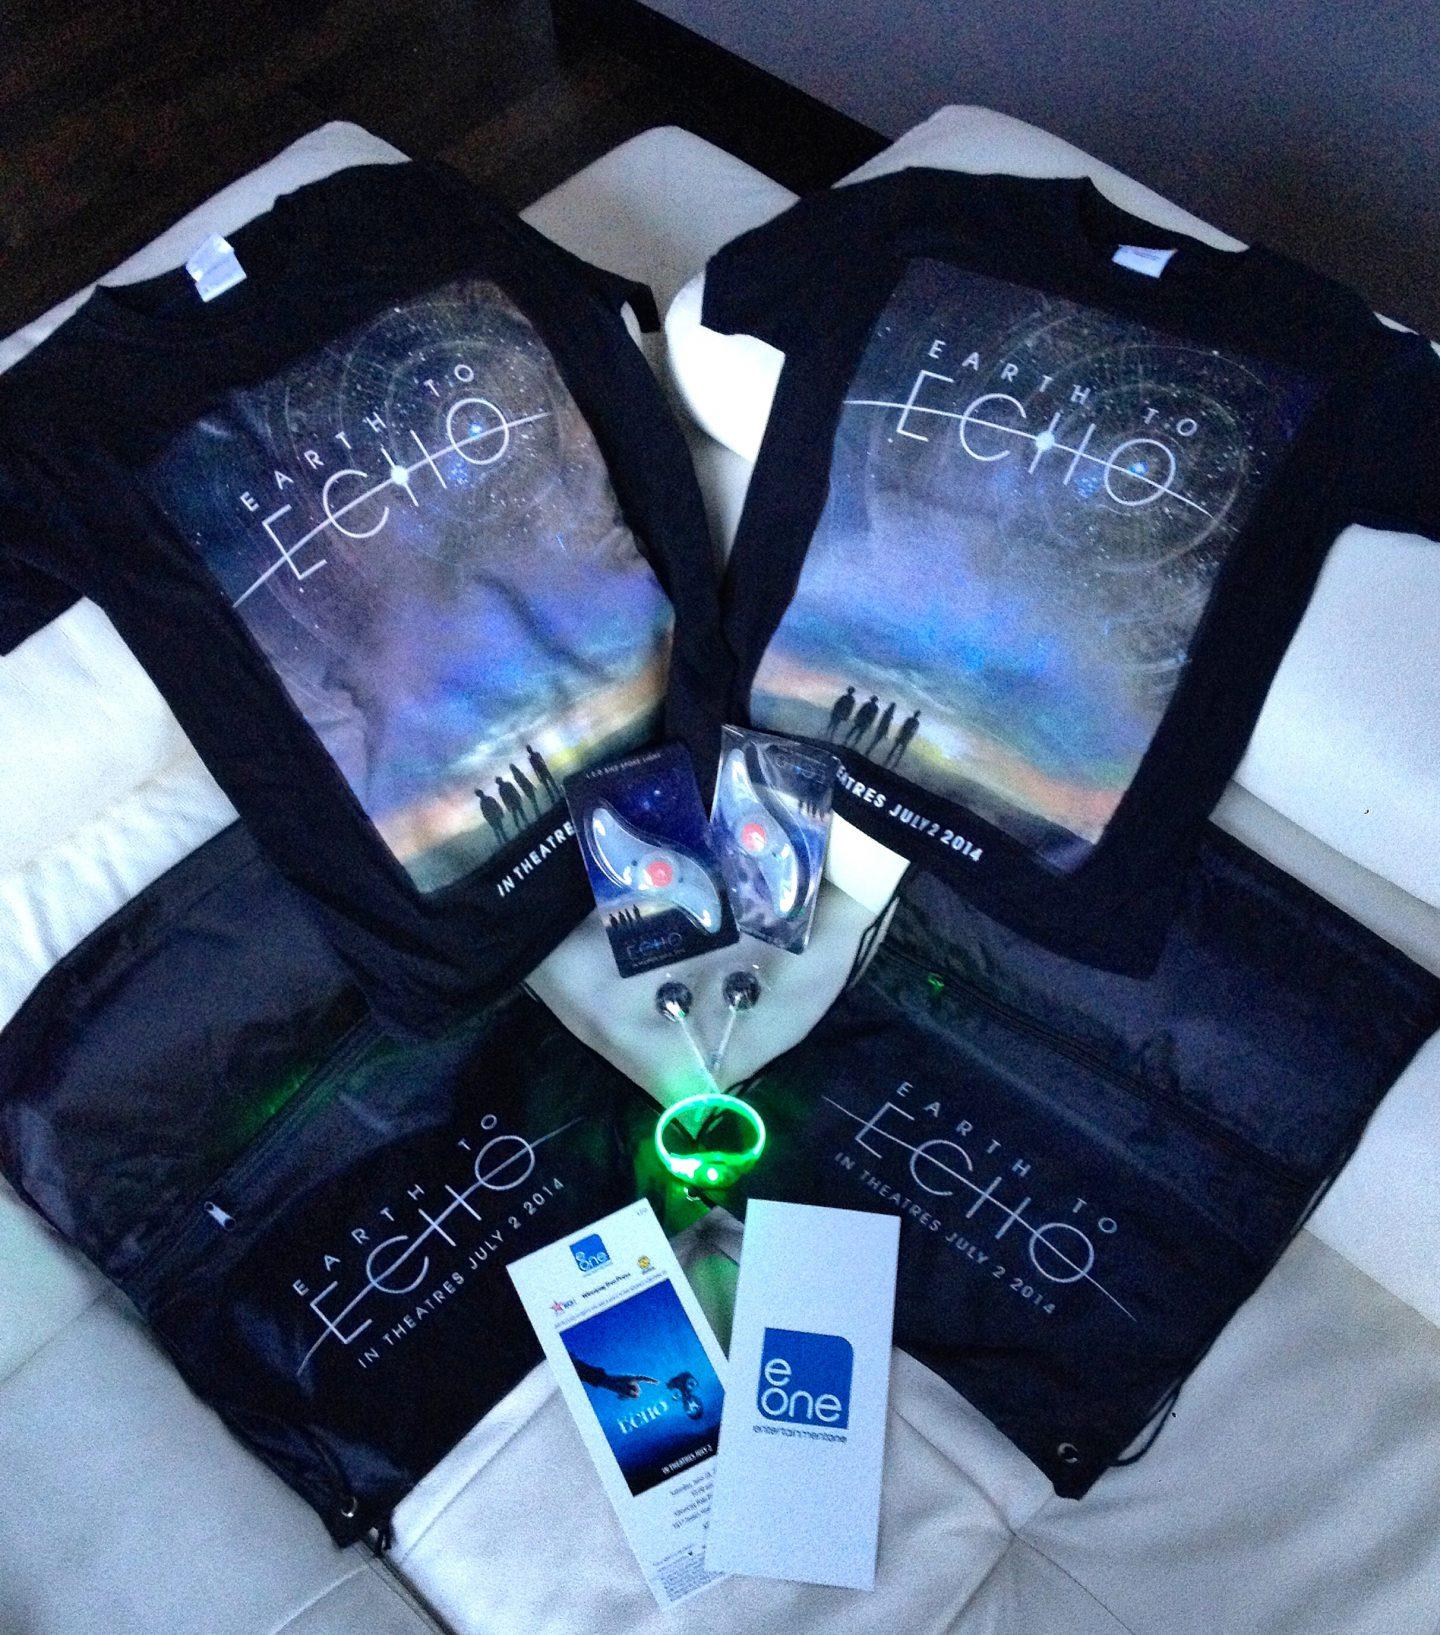 #Win an #EarthToEcho Prize Pack #Winnipeg